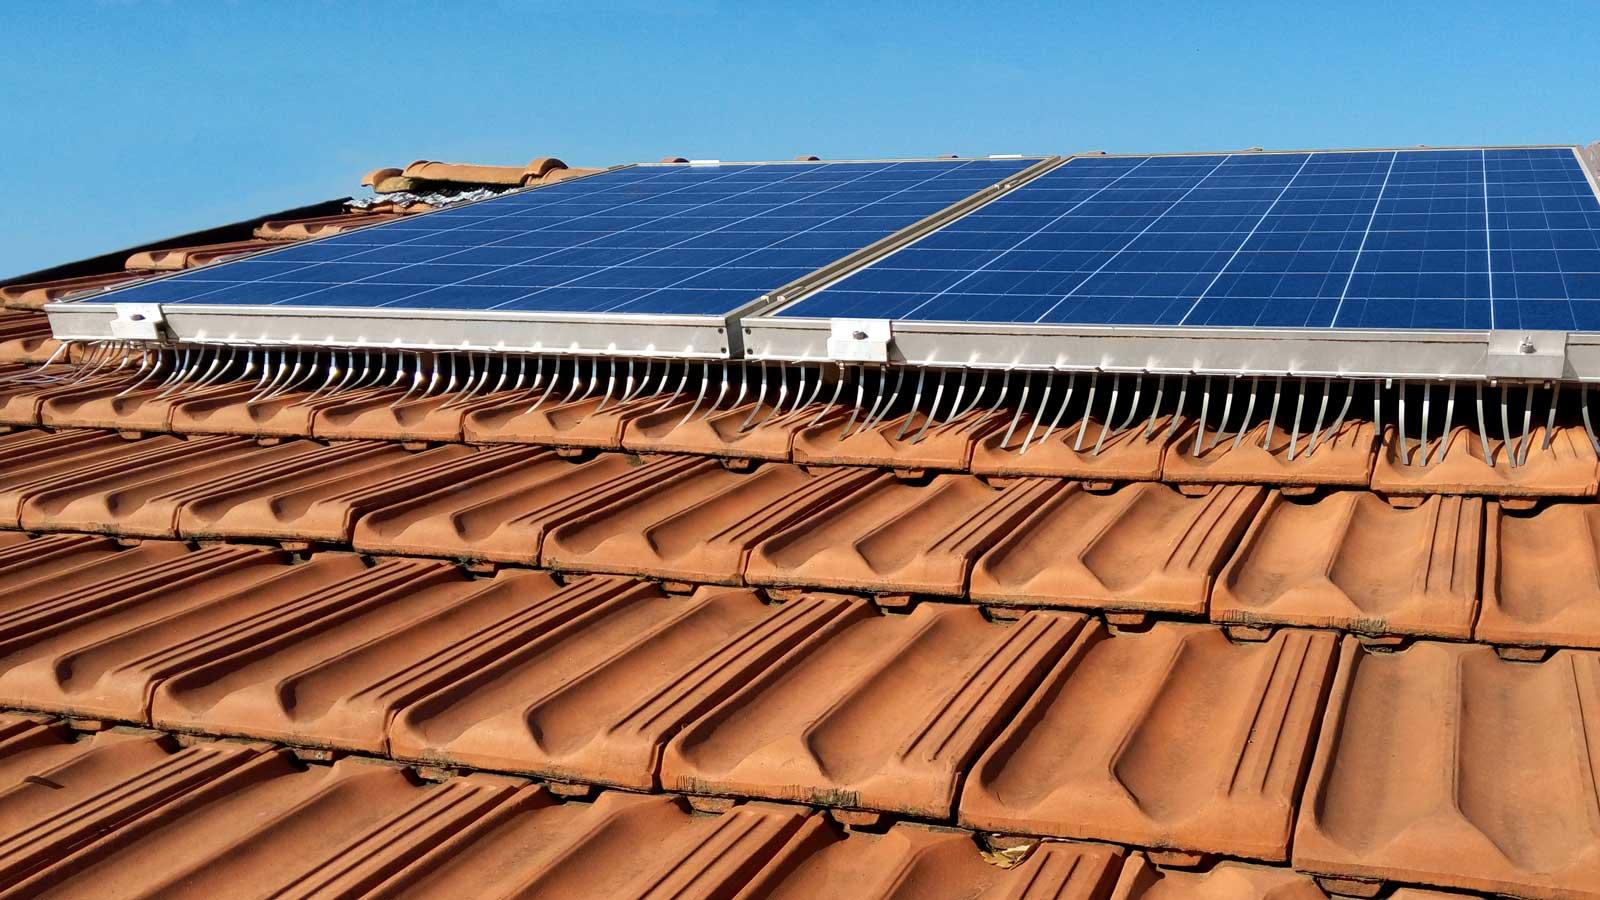 barriera anti volatili isidoro system installata su impianto fotovoltaico